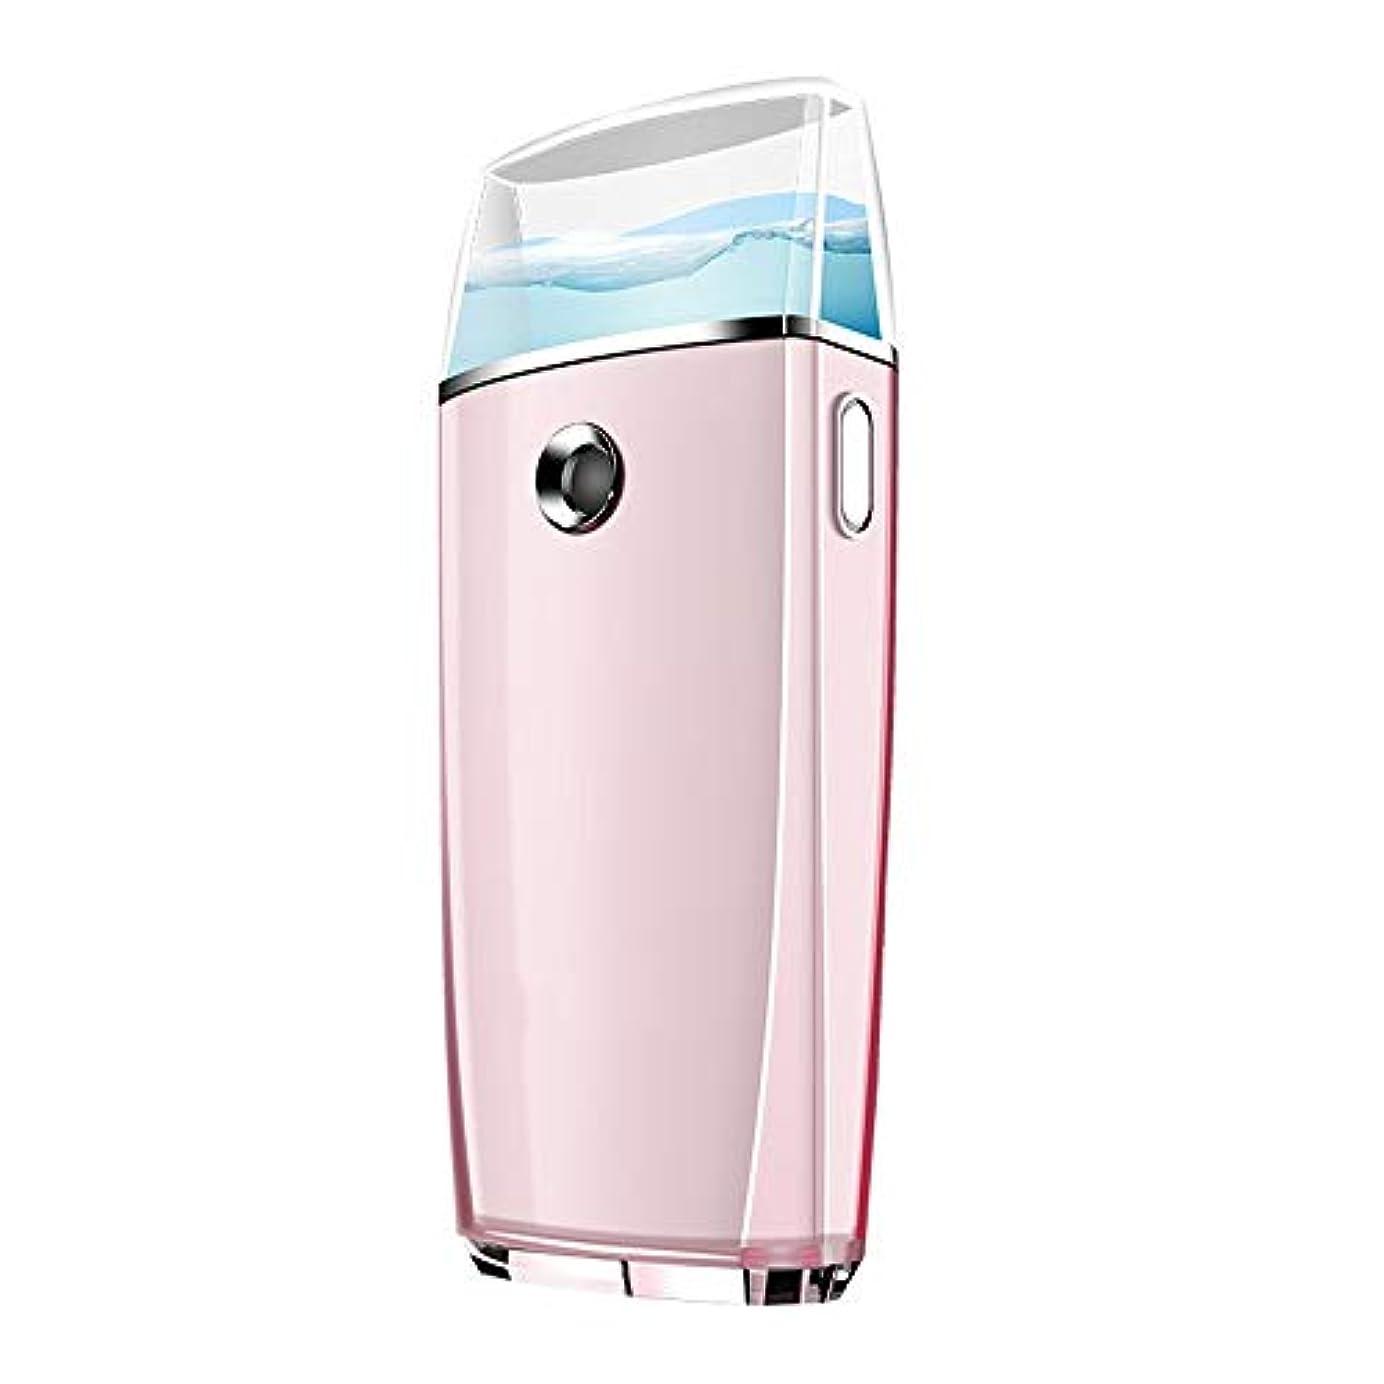 却下する干し草落ち着かないZXF ナノスプレー水道メーターポータブル顔美容機器充電表面コールドスプレー機スプレー2ピンクモデルグリーンモデル 滑らかである (色 : Pink)